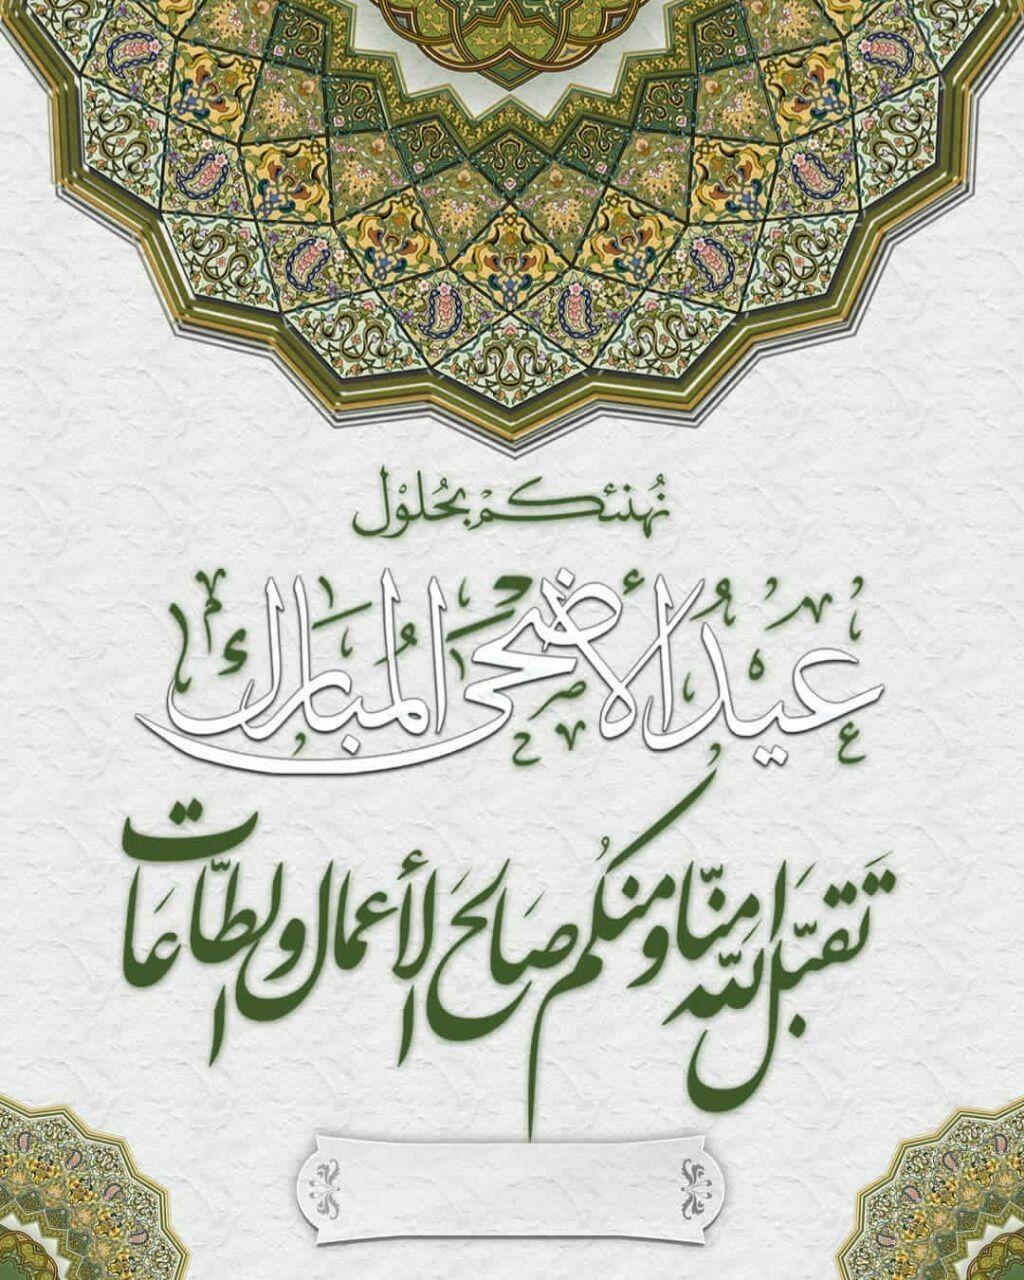 اختكم أم محمد العجالين Eid Adha Mubarak Eid Mubarak Card Eid Greetings